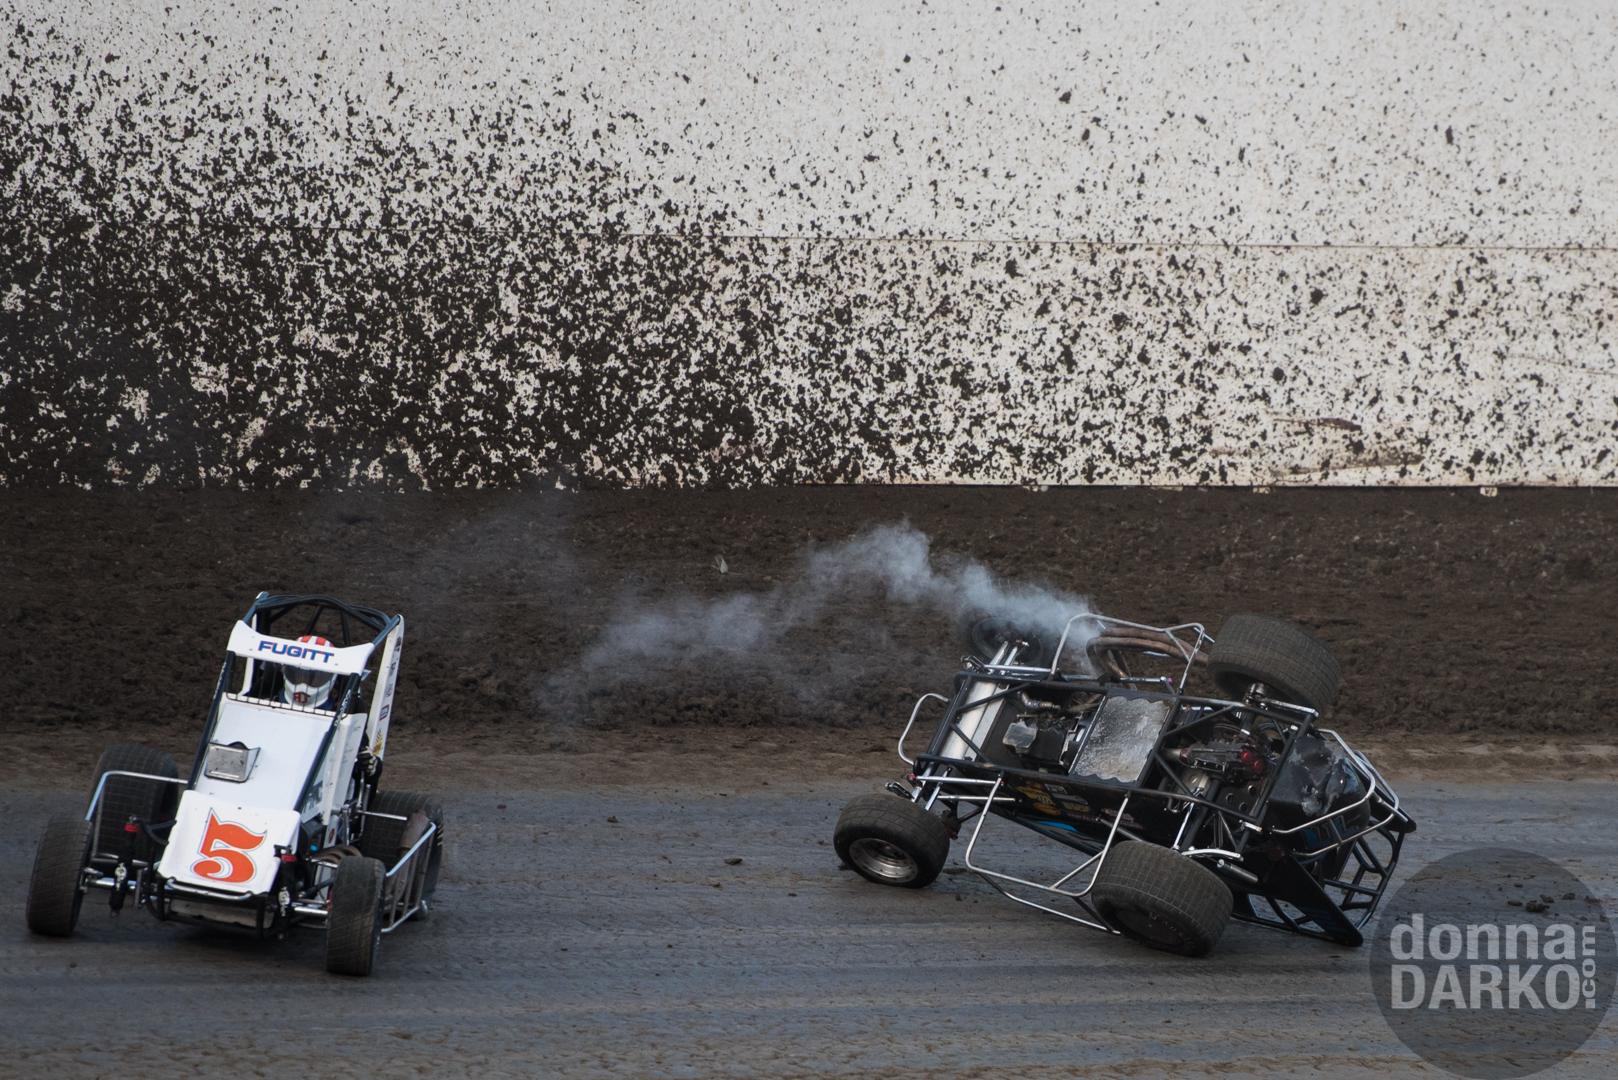 Sagit Speedway (m) 6-21-19 -DSC_1369.jpg